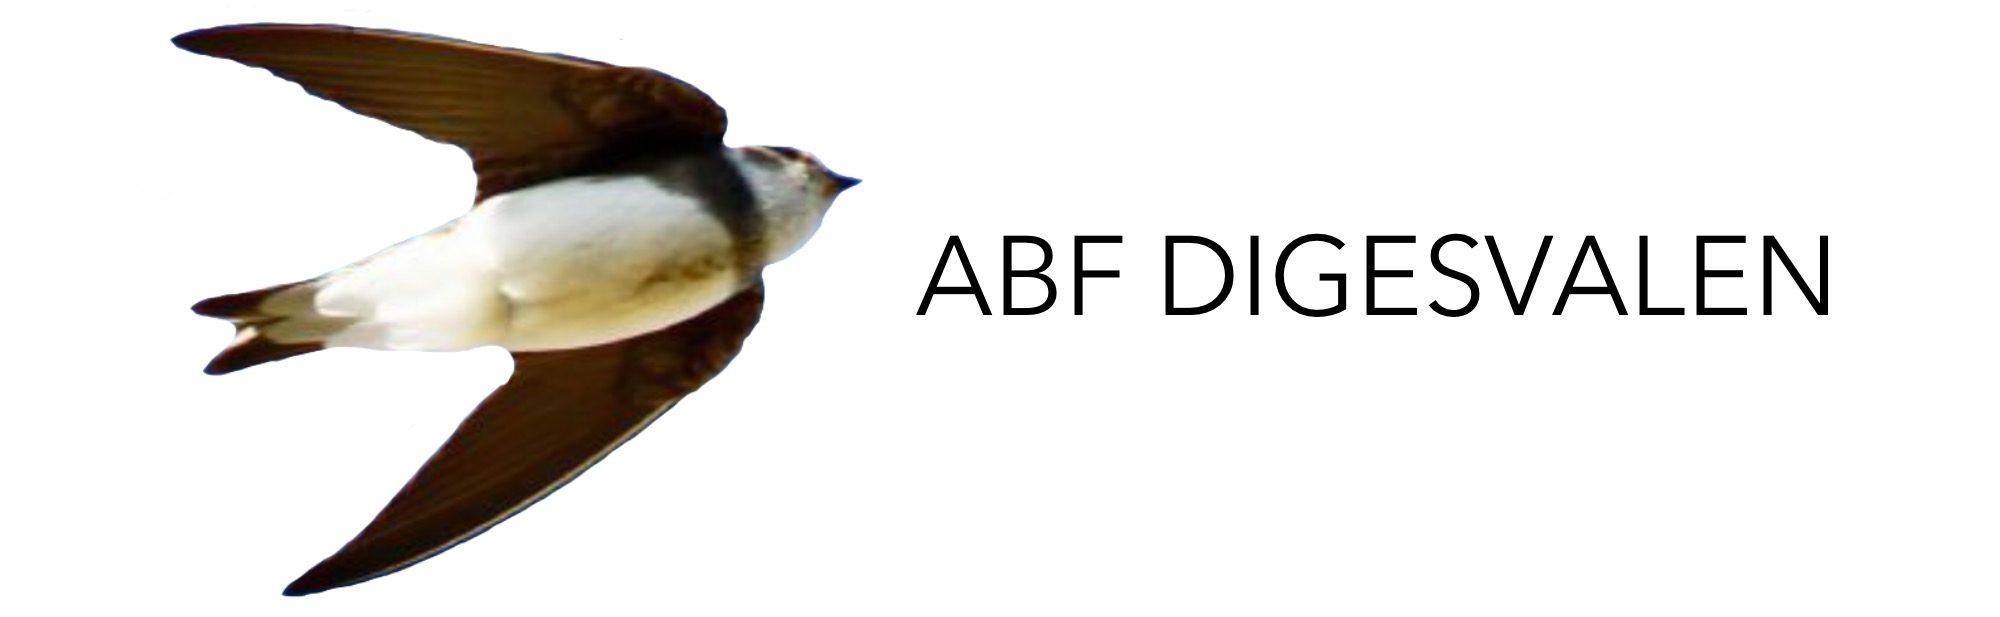 Abf Digesvalen